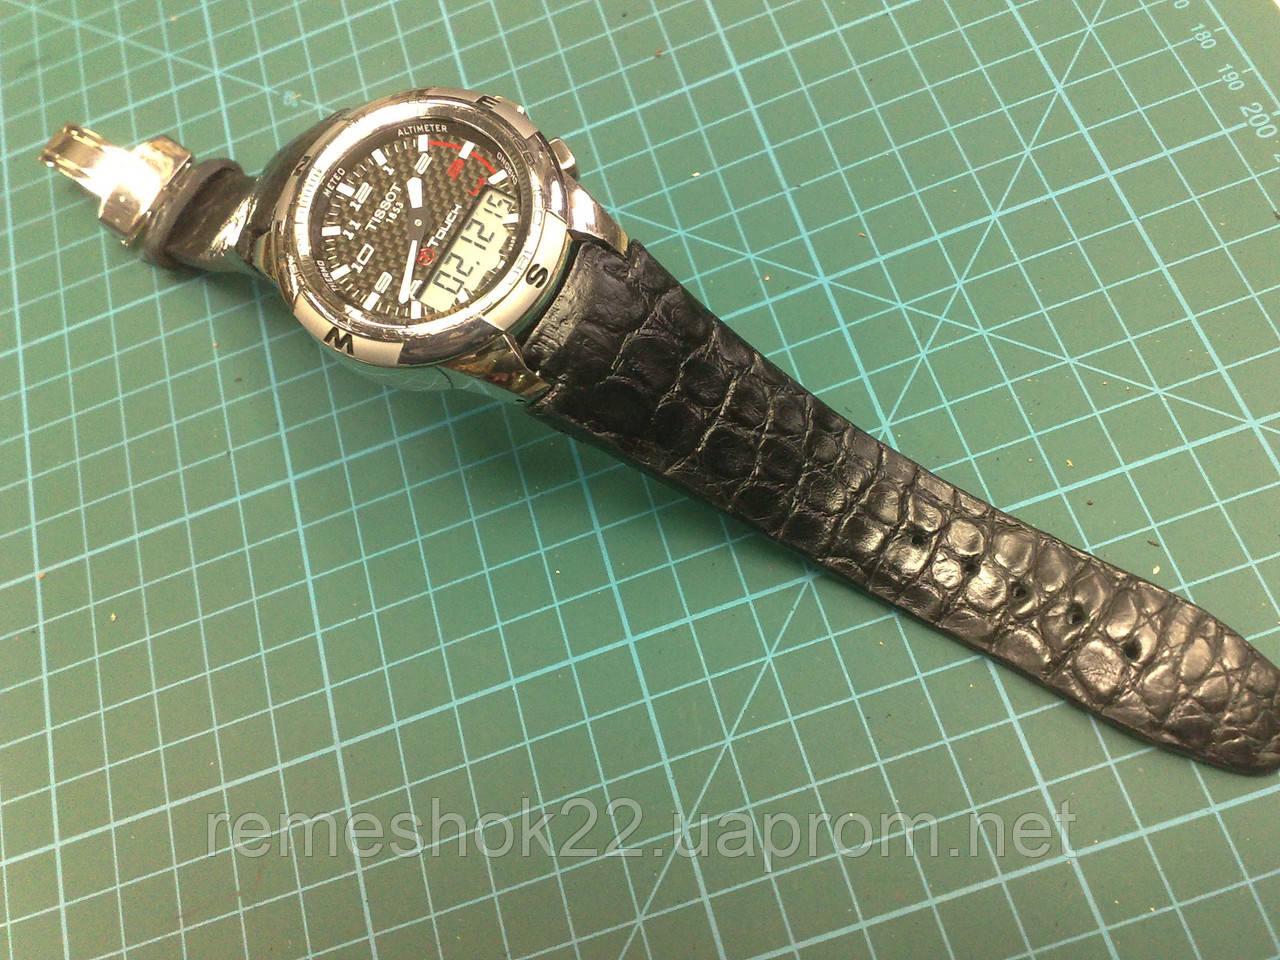 Заказать Ремешок из Крокодила для часов Tissot T-Touch 2 Watch в ... 300167550a9b2